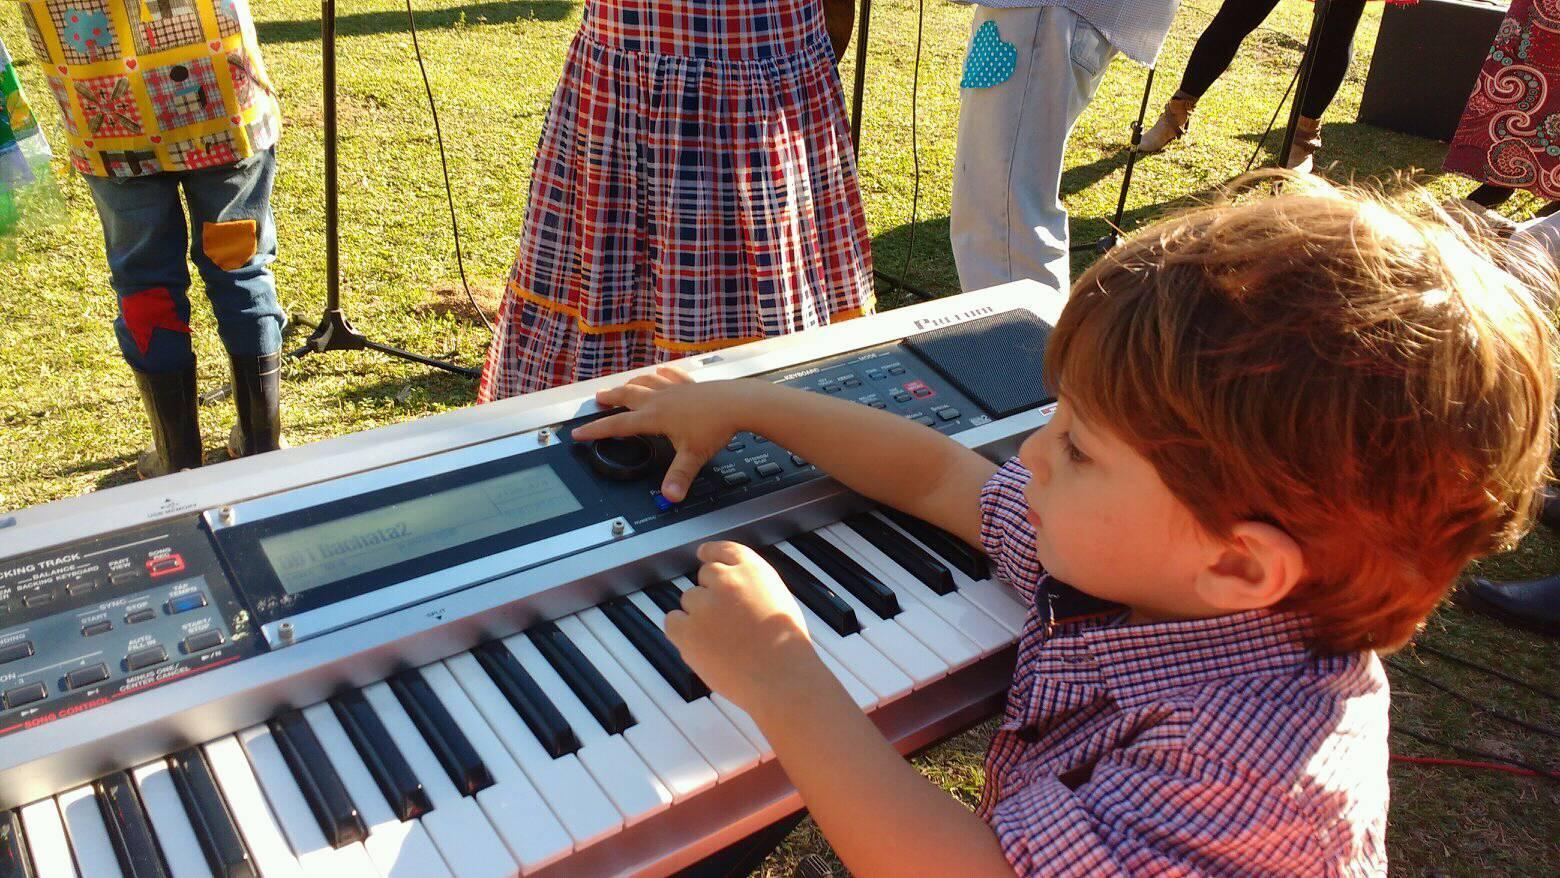 @lucianetecladista pelo (32)98855-9211 e agende  sua aula de teclado iniciante em Juiz de Fora.